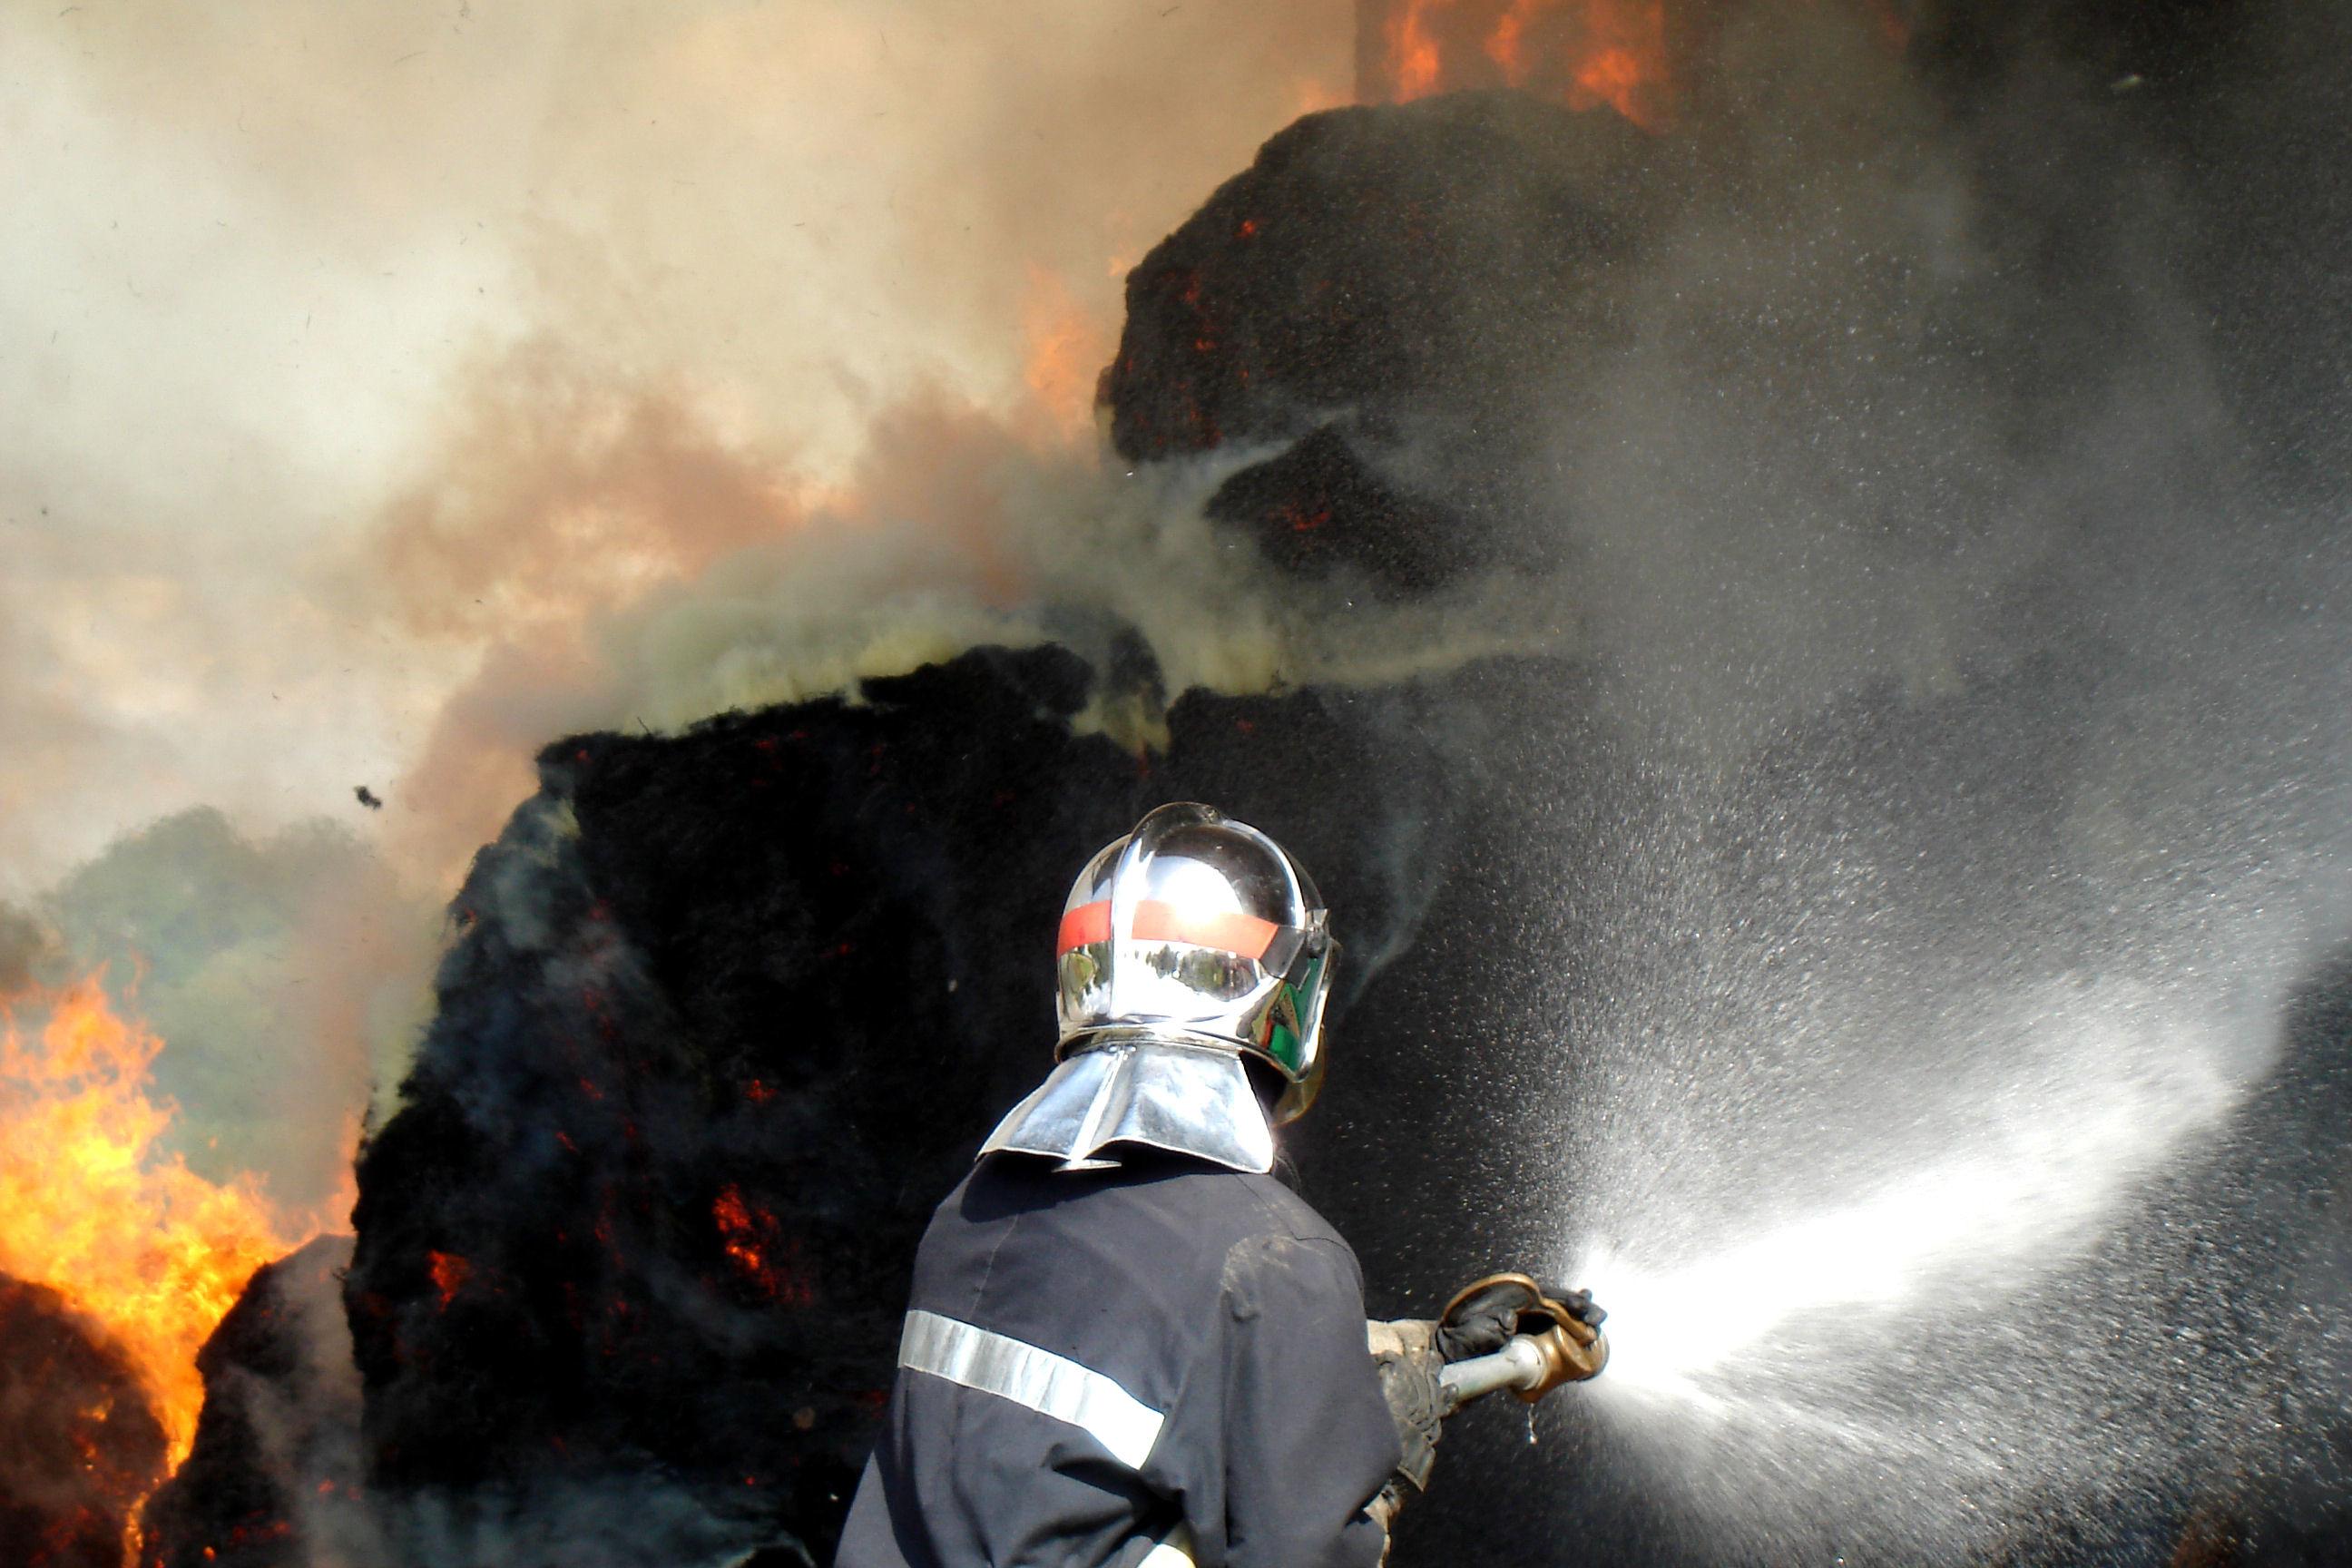 Près de quarante sapeurs-pompiers ont été mobilisés sur ces incendies quasiment toute la nuit - illustration @AdobeStock